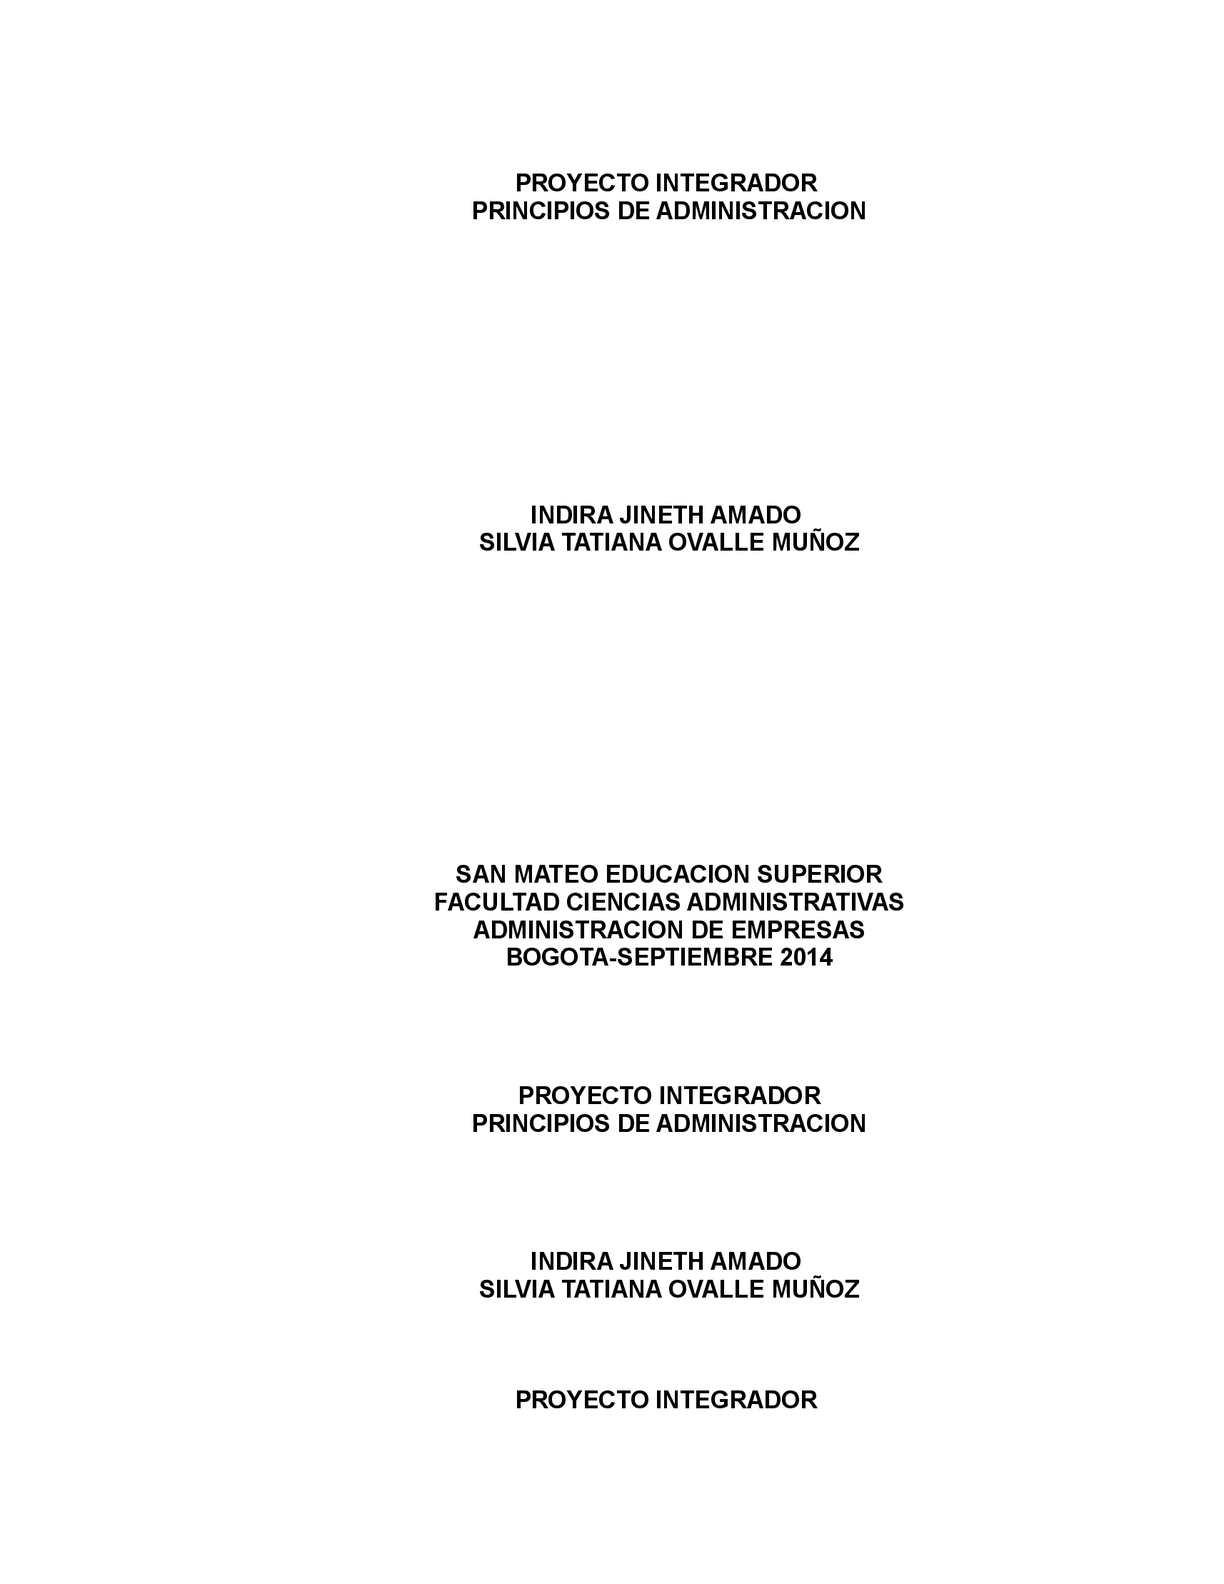 Calaméo - Proyecto Integrador Administracion Docx Edicion